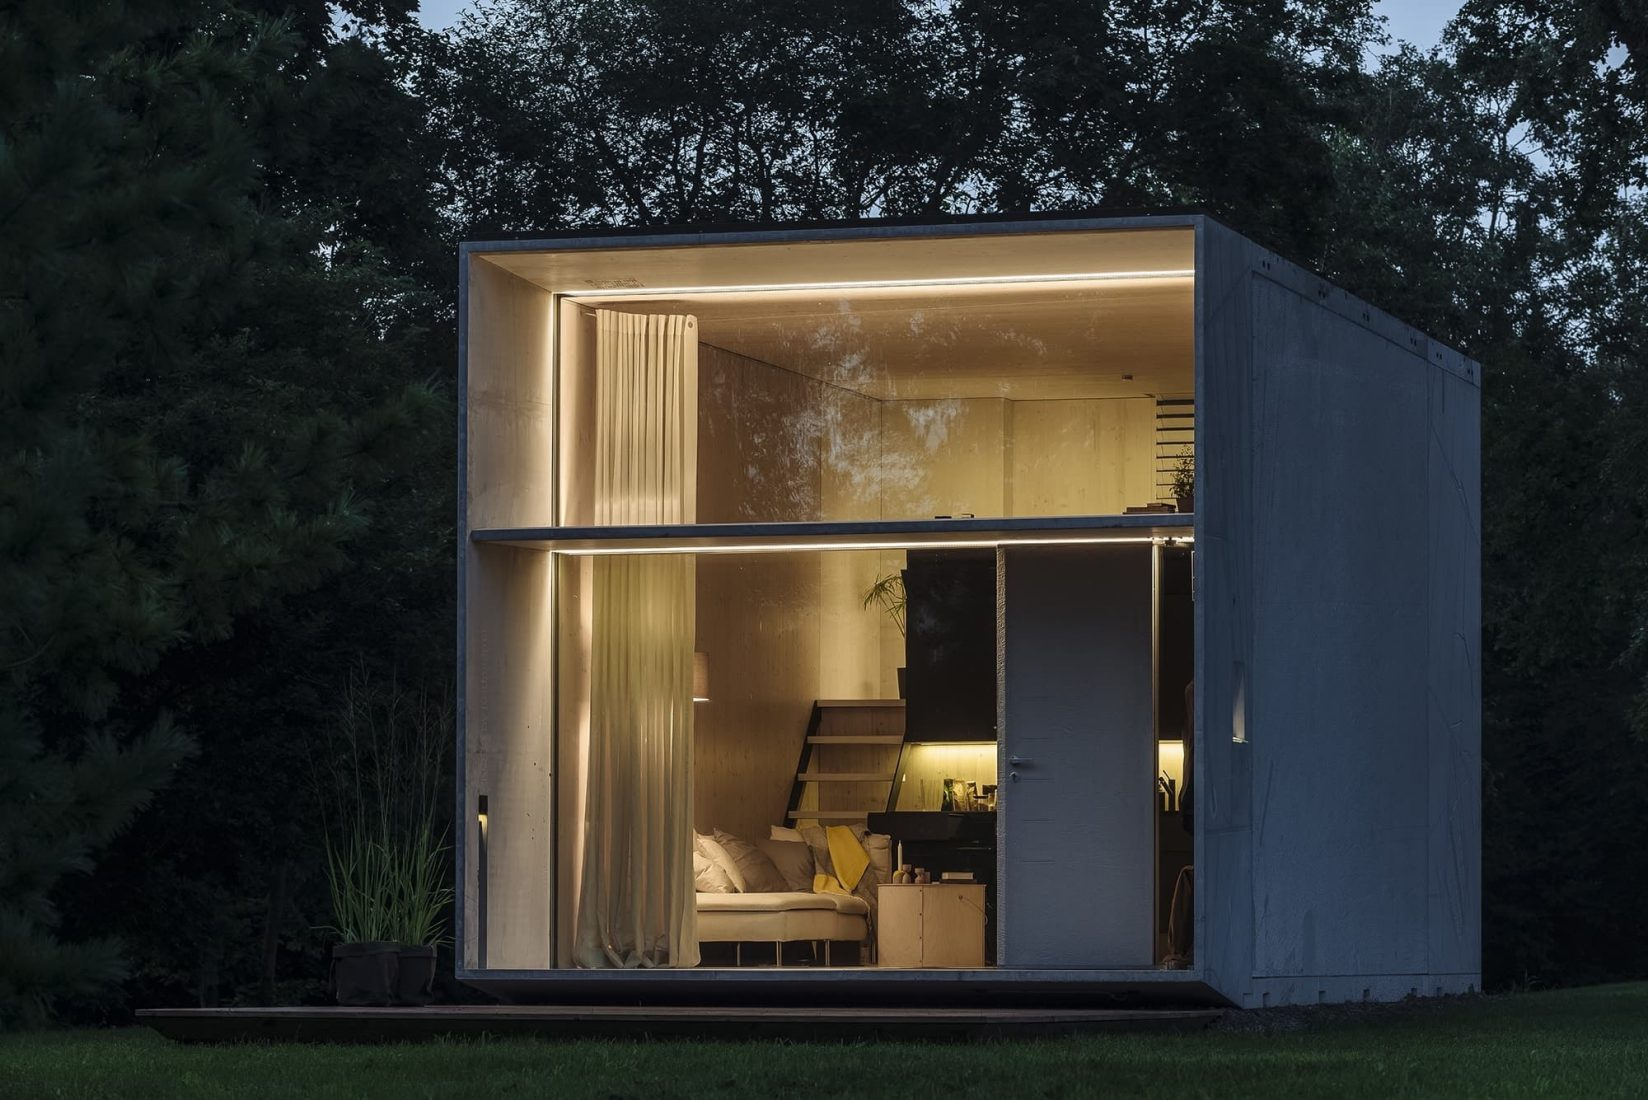 Mikrohaus Deutschland mikrohäuser: ein neuer wohntrend? › energetisches bauen › baustoffwissen